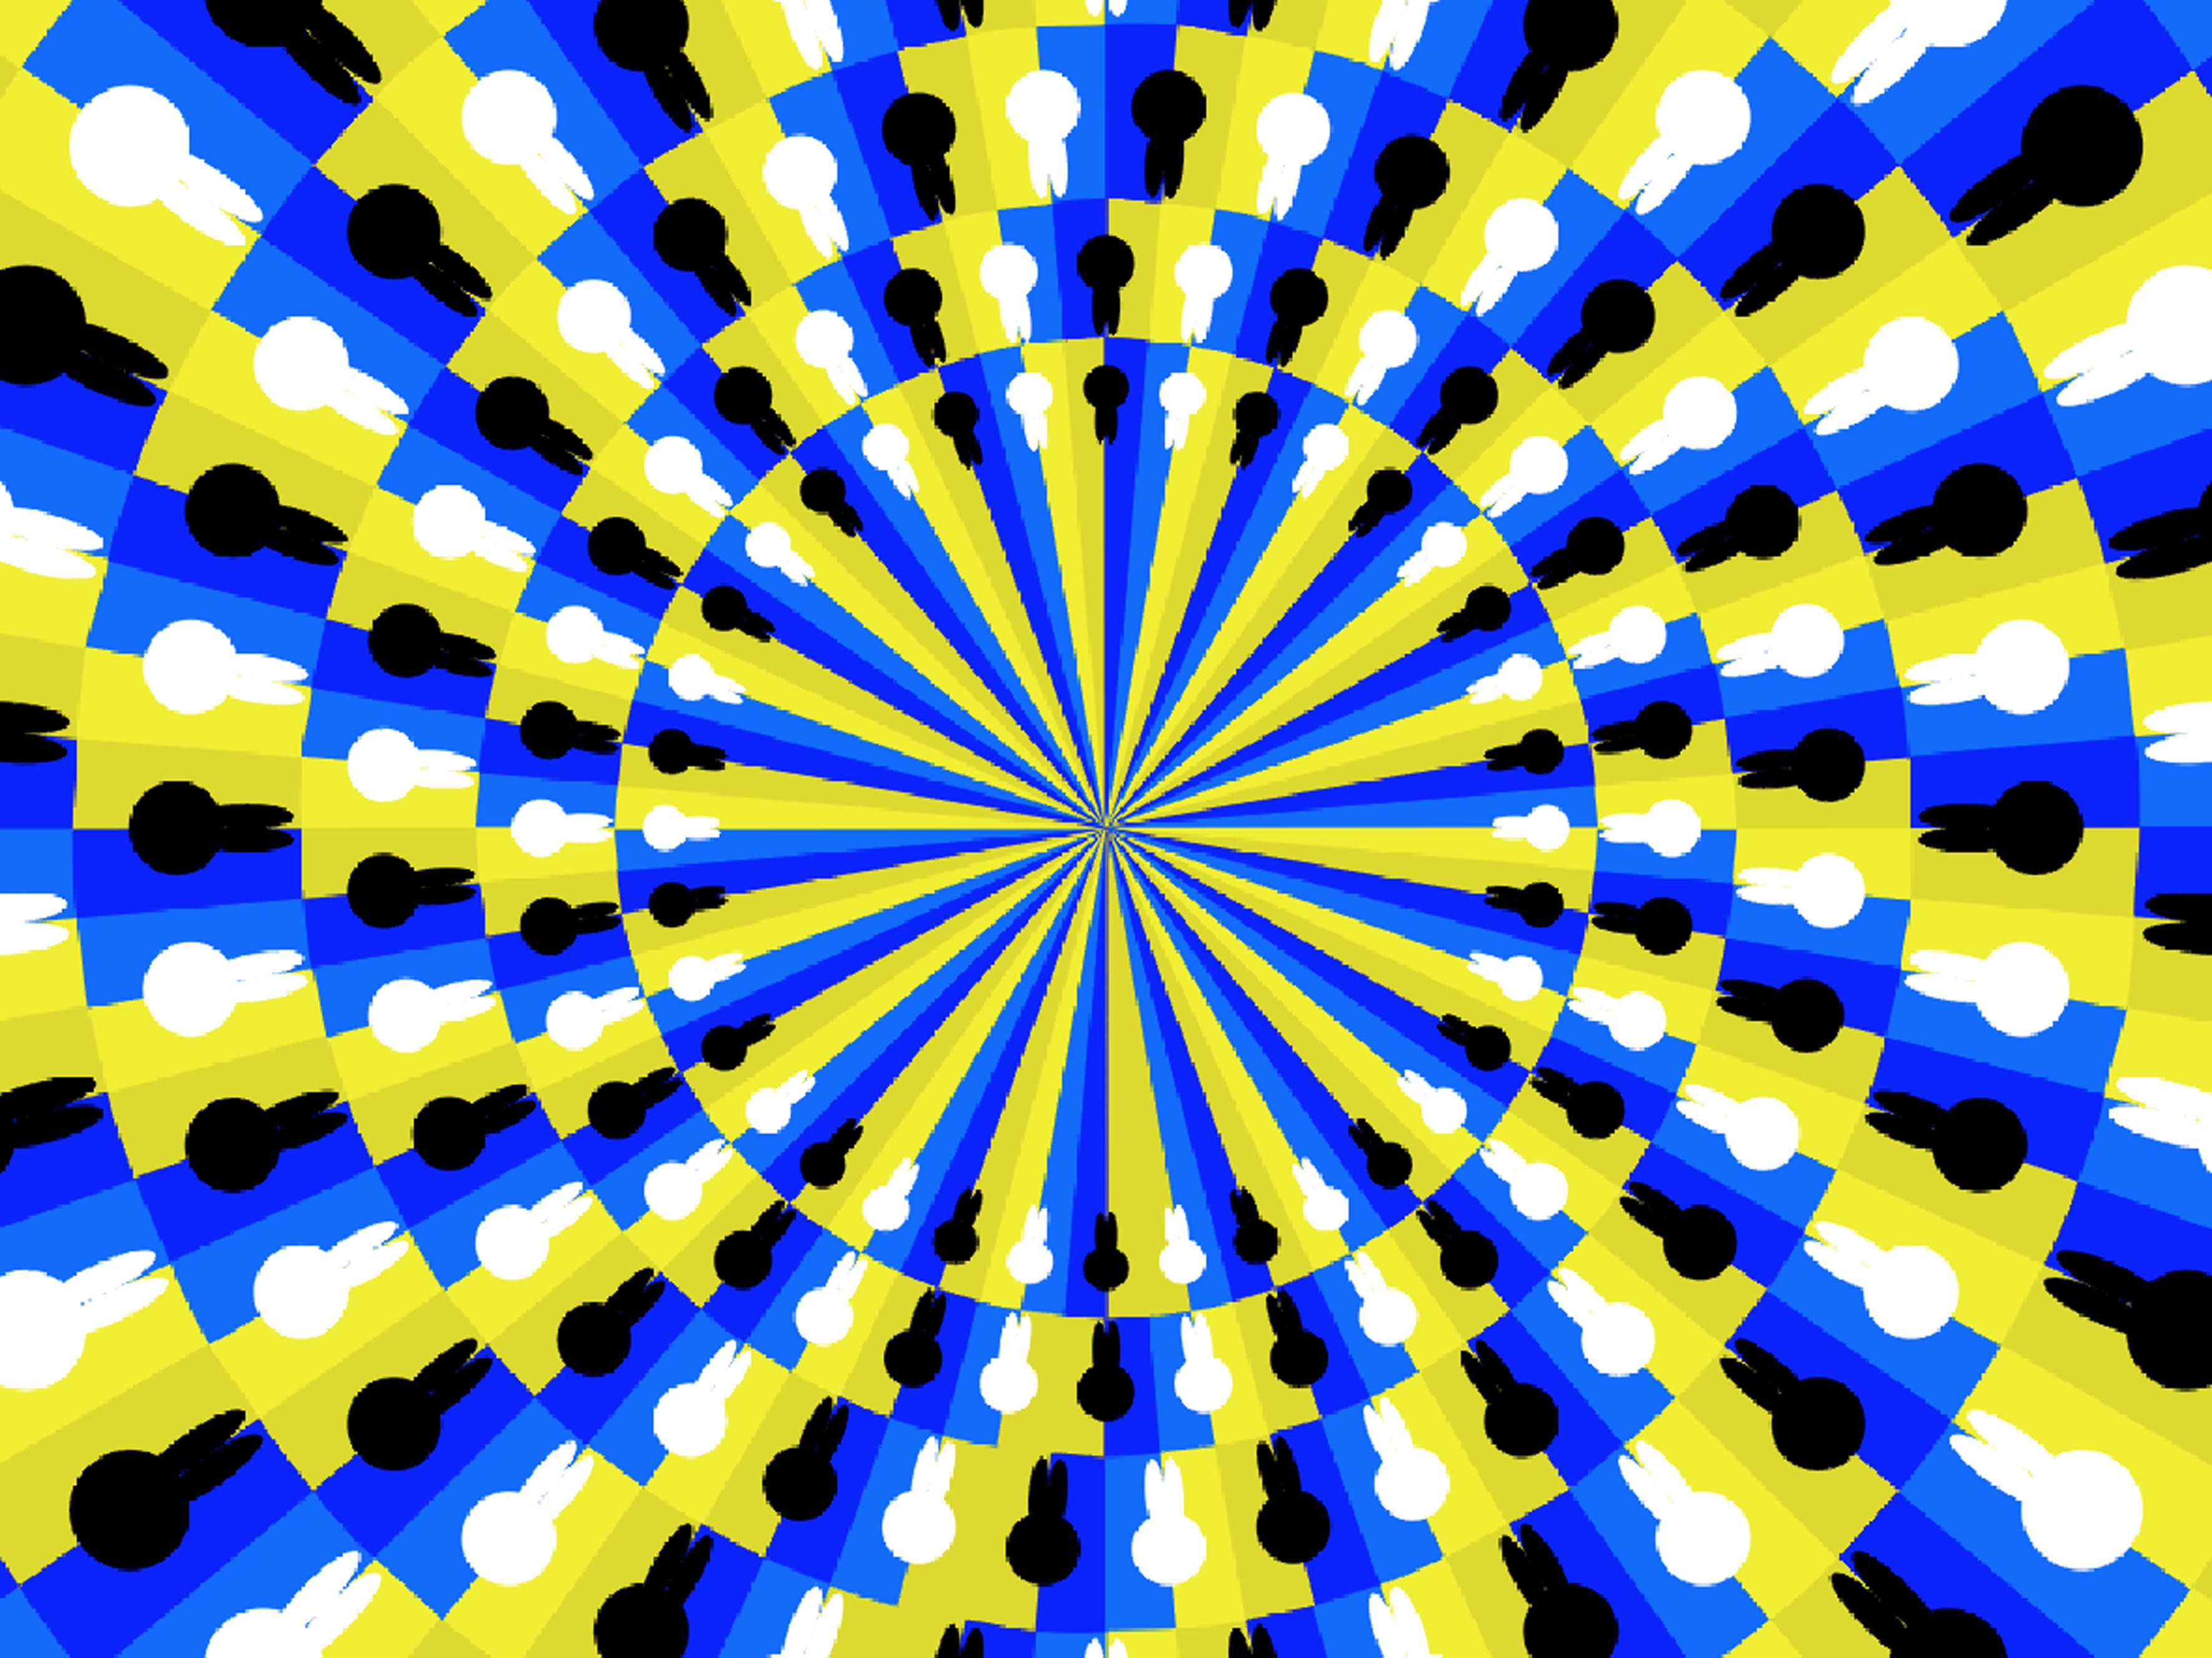 Картинка оптическая иллюзия